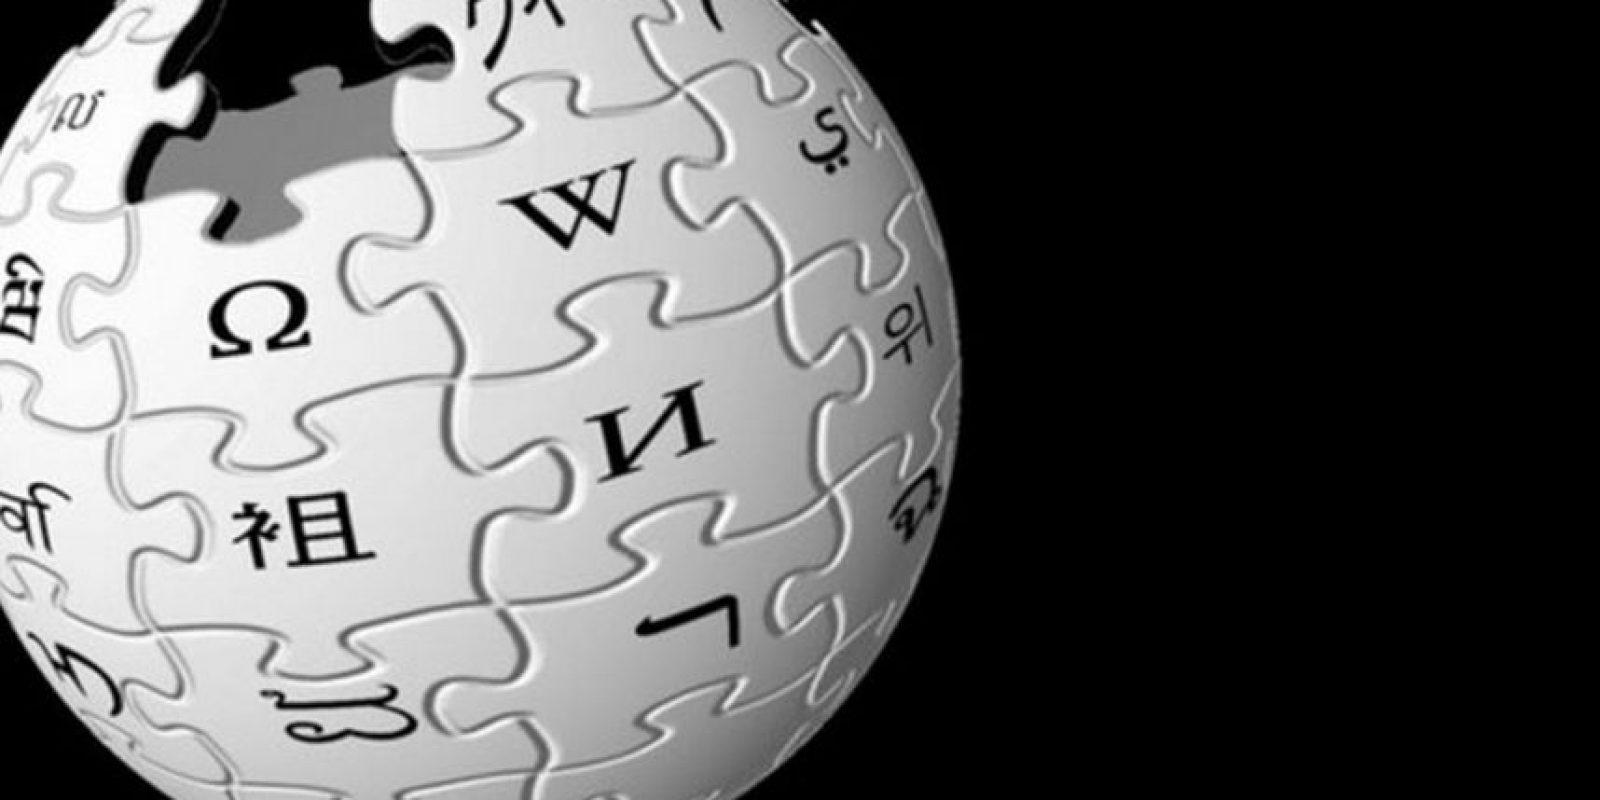 """Existen buscadores especiales para limpiar Wikipedia de """"vandalismo"""". Foto:Tumblr"""